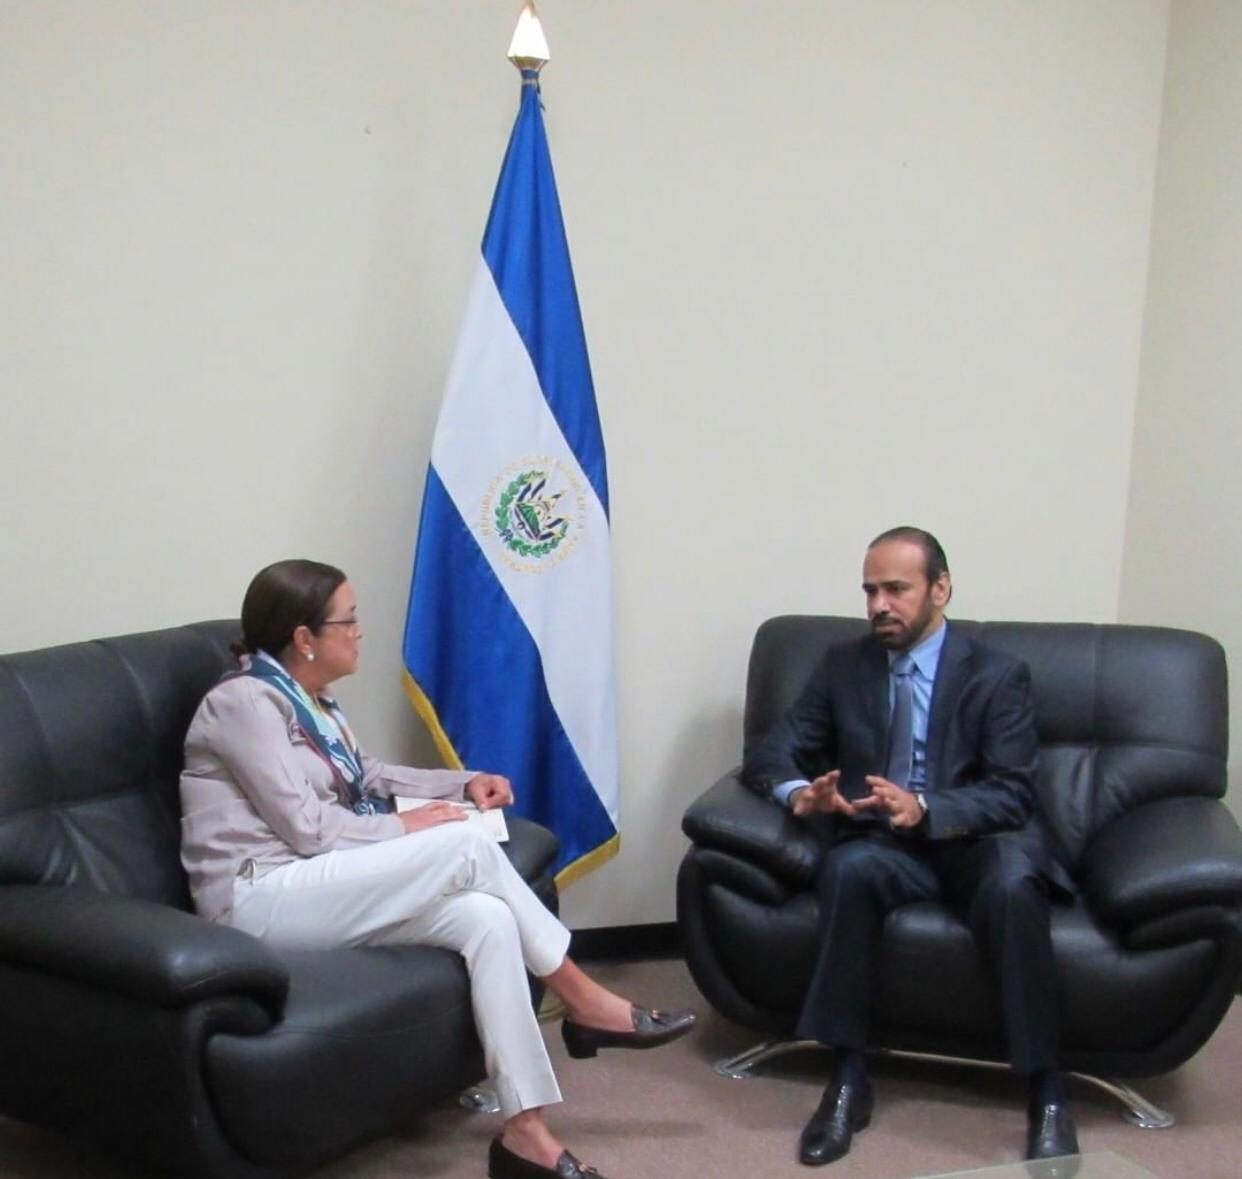 رسالة من نائب رئيس مجلس الوزراء وزير الخارجية إلى وزيرة العلاقات الخارجية بجمهورية السلفادور